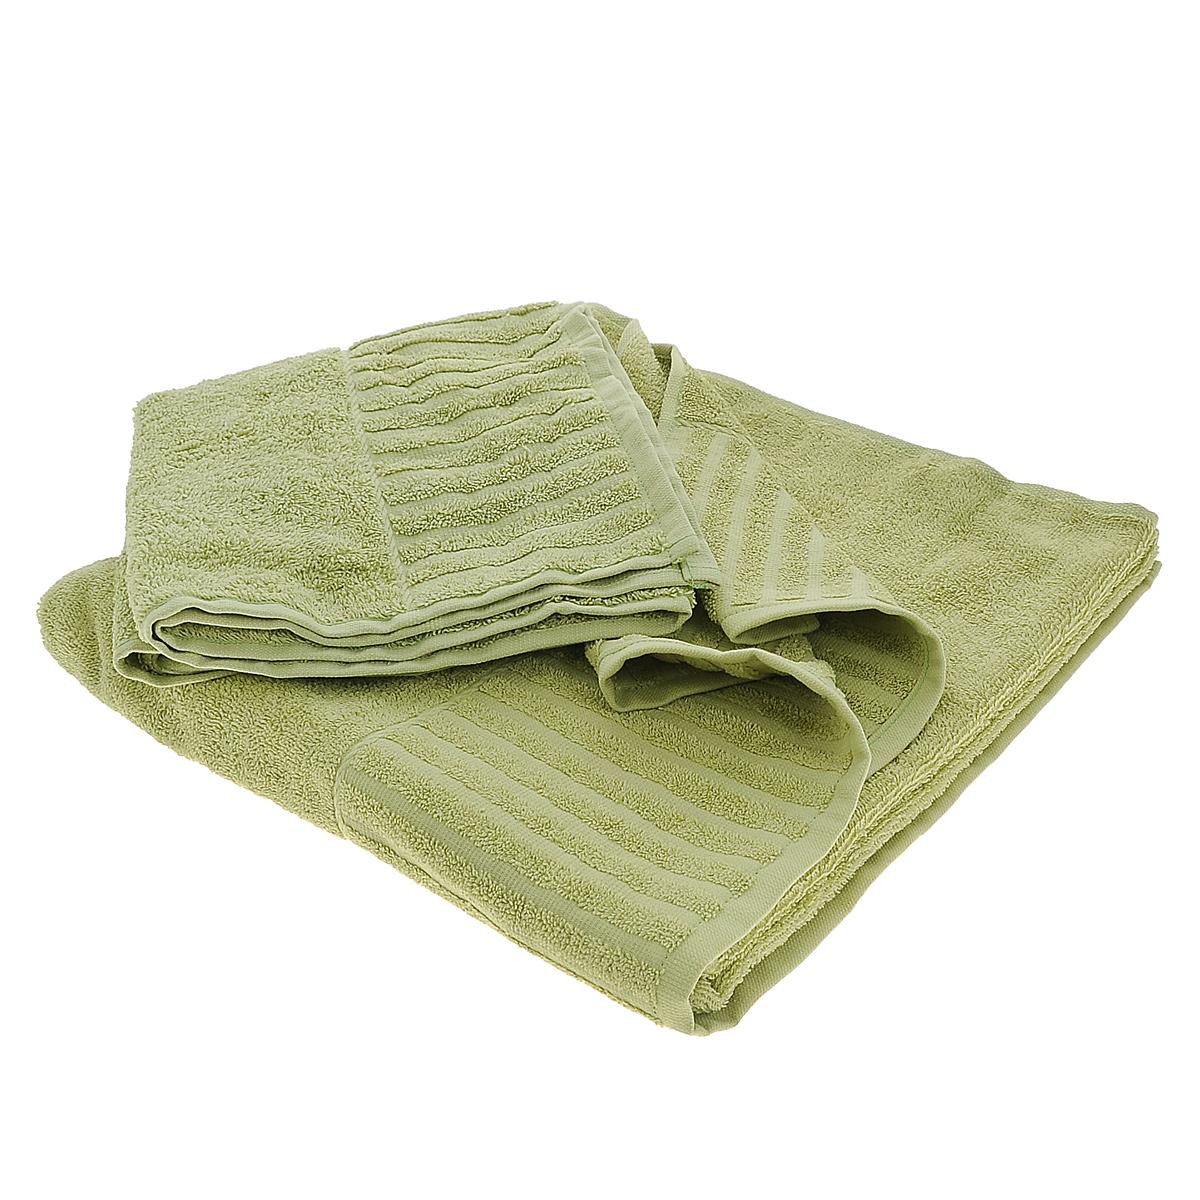 Набор махровых полотенец Bonita, цвет: оливковый, 2 шт531-105Набор Bonita состоит из двух полотенец разного размера, выполненных из натурального хлопка. Такие полотенца отлично впитывают влагу, быстро сохнут, сохраняют яркость цвета и не теряют формы даже после многократных стирок. Полотенца очень практичны и неприхотливы в уходе. Размер полотенец: 50 см х 90 см; 70 см х 140 см.